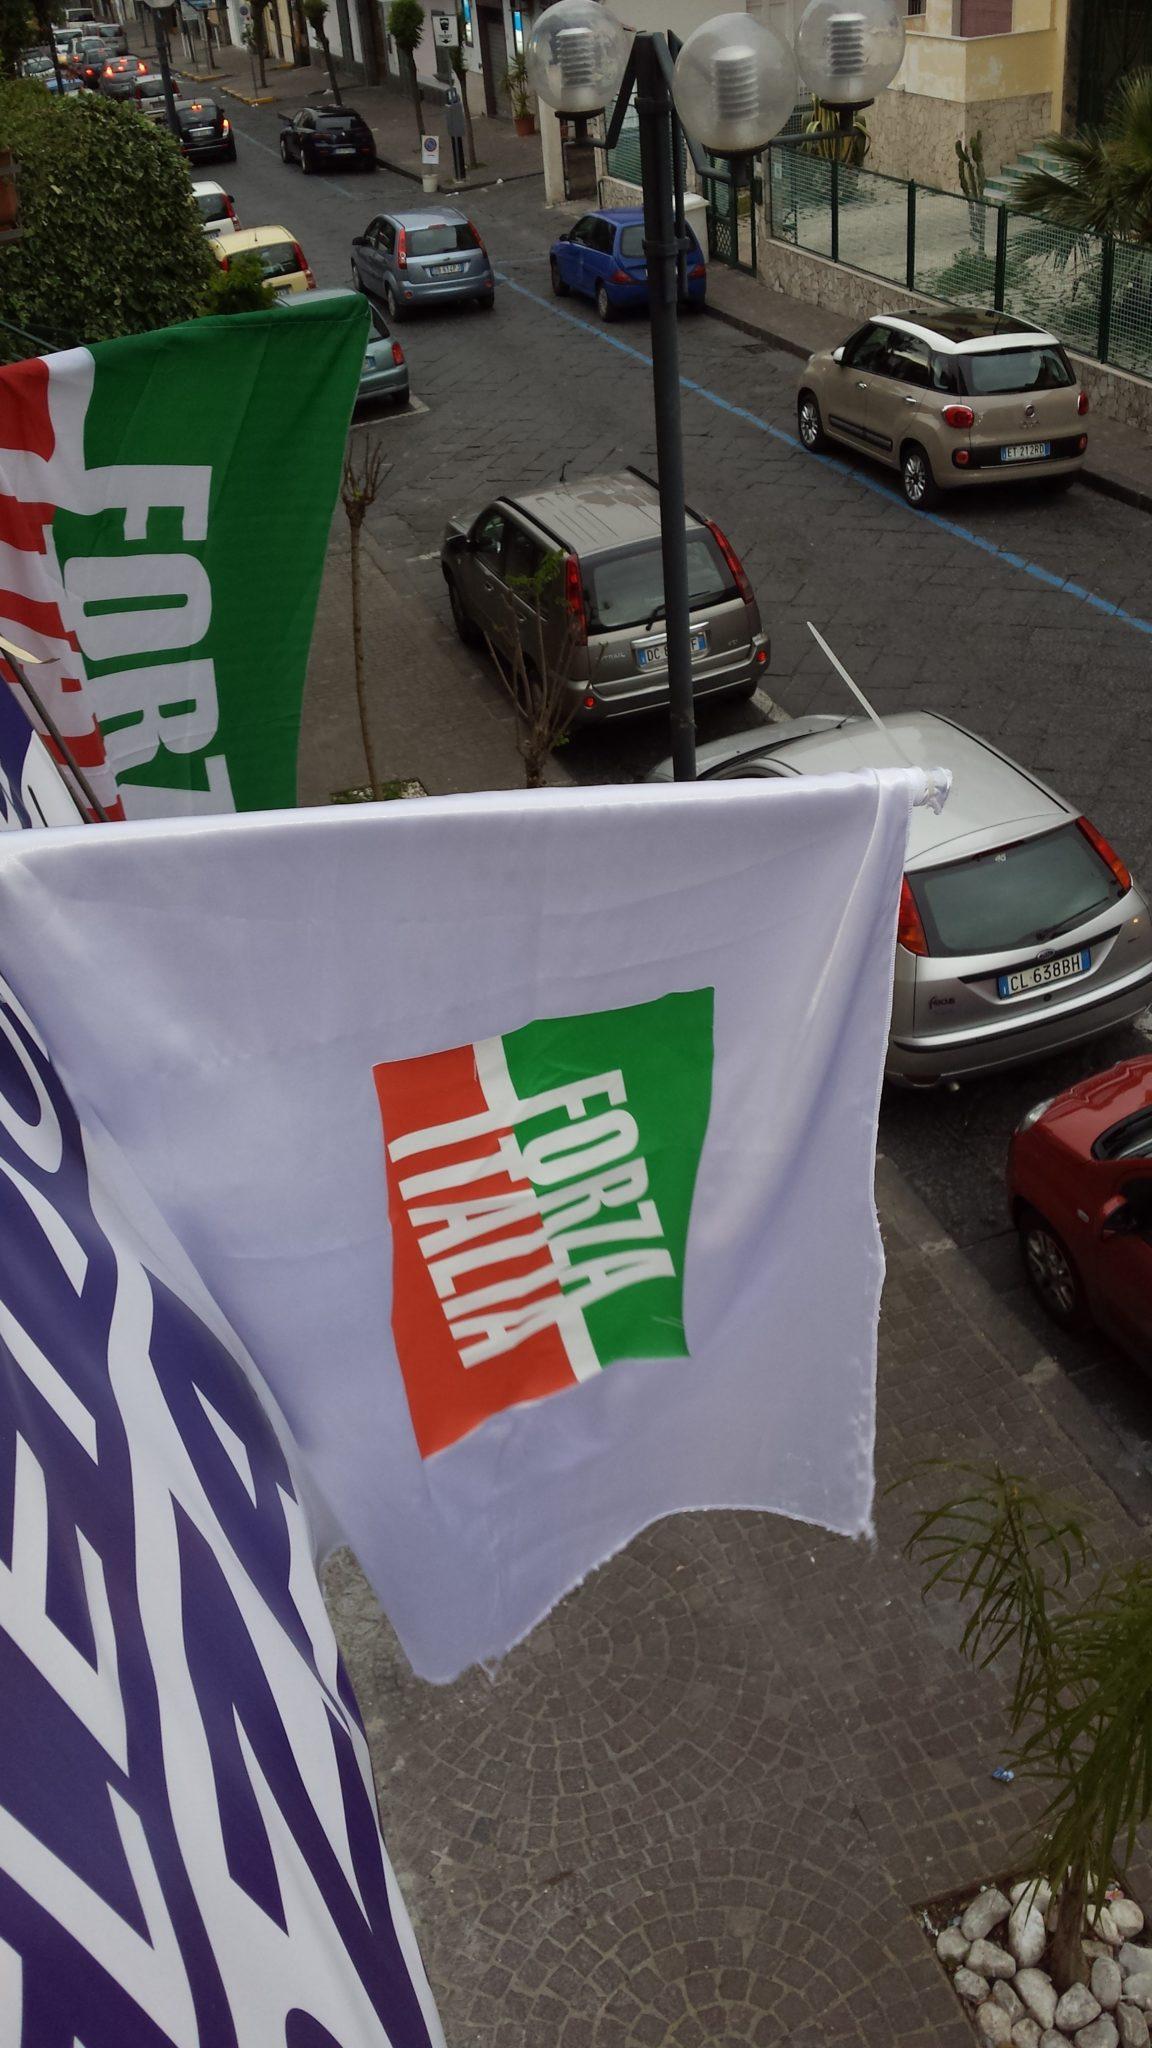 Somma forza italia prova a rafforzarsi con novit ai vertici for Forza italia deputati